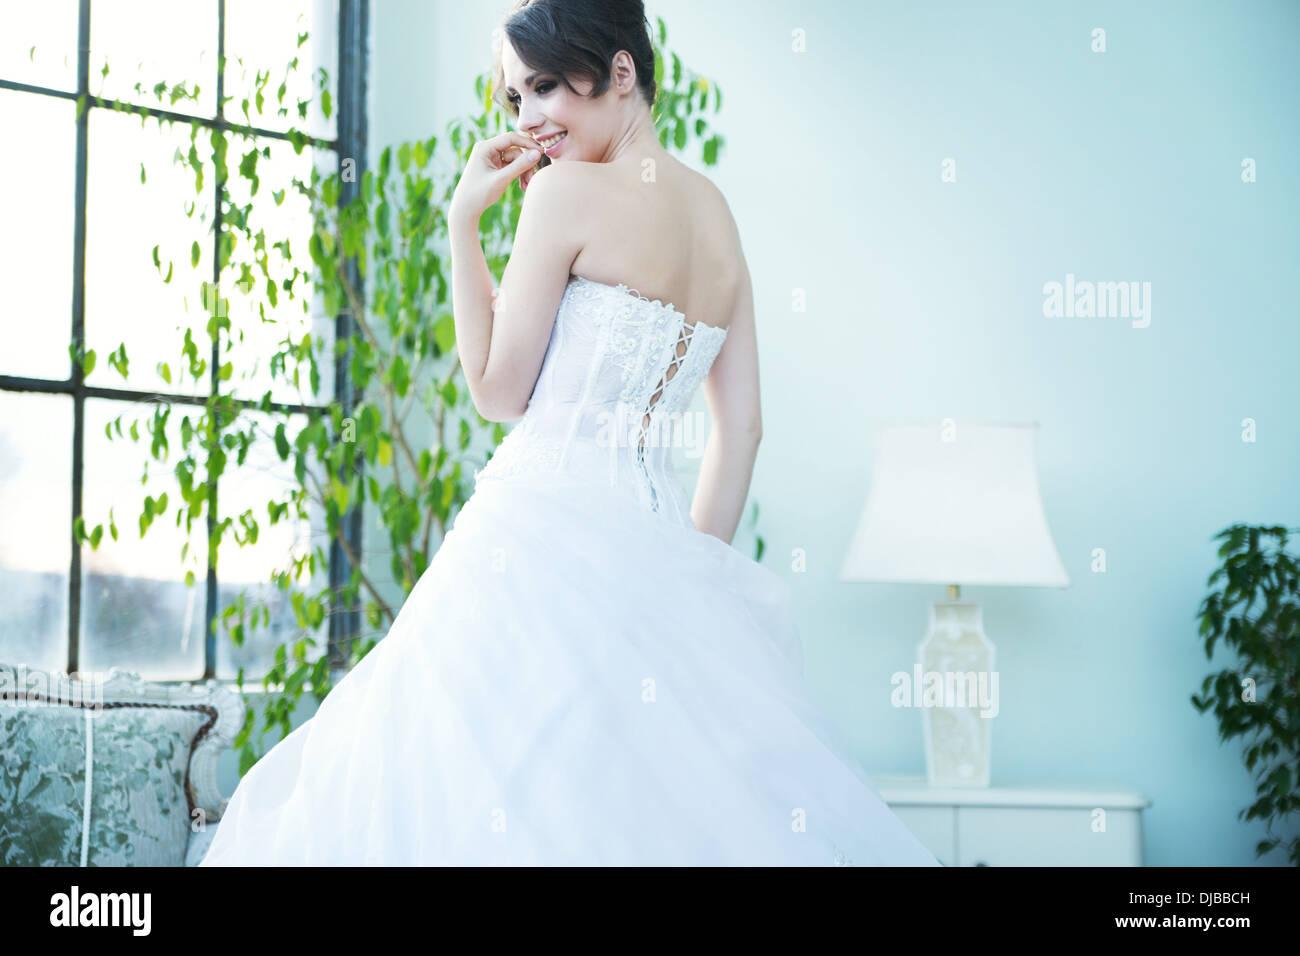 Tempting bride waiting for her beloved husband - Stock Image